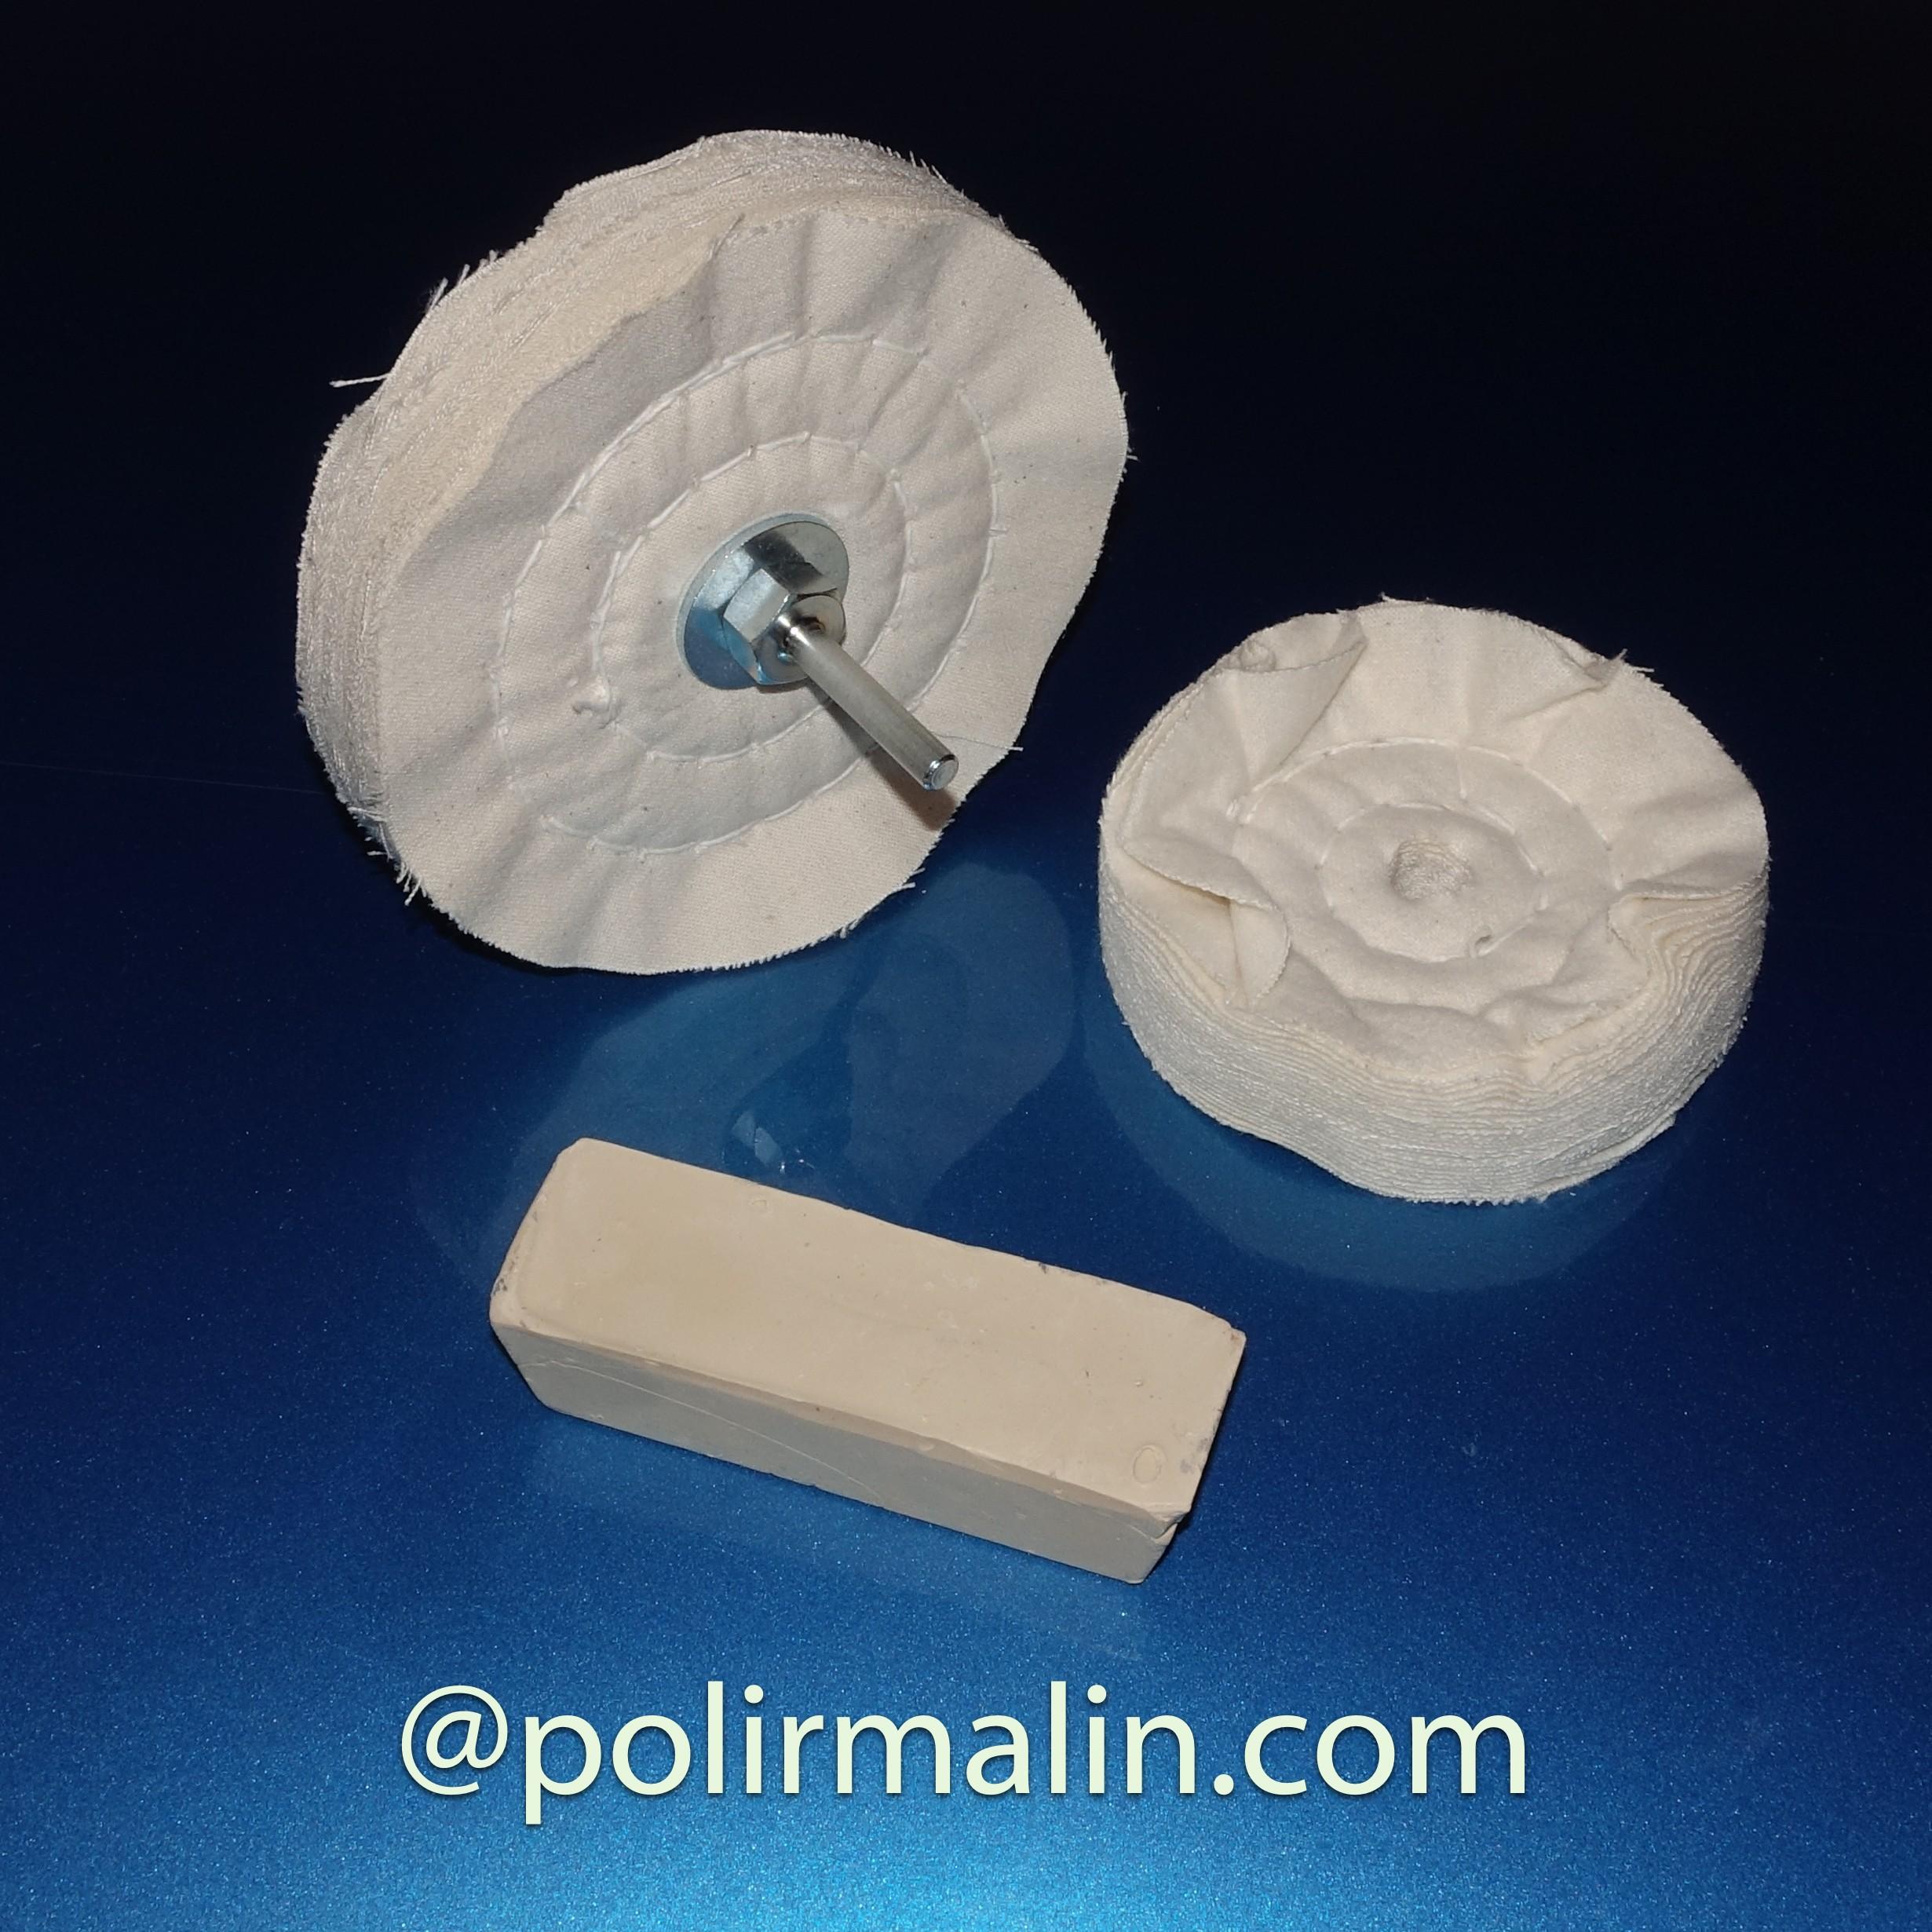 Plateaux-supports SOUPLES, auto-agrippant www.polirmalin.com spécialiste du polissage, de l'ébavurage et du brossage